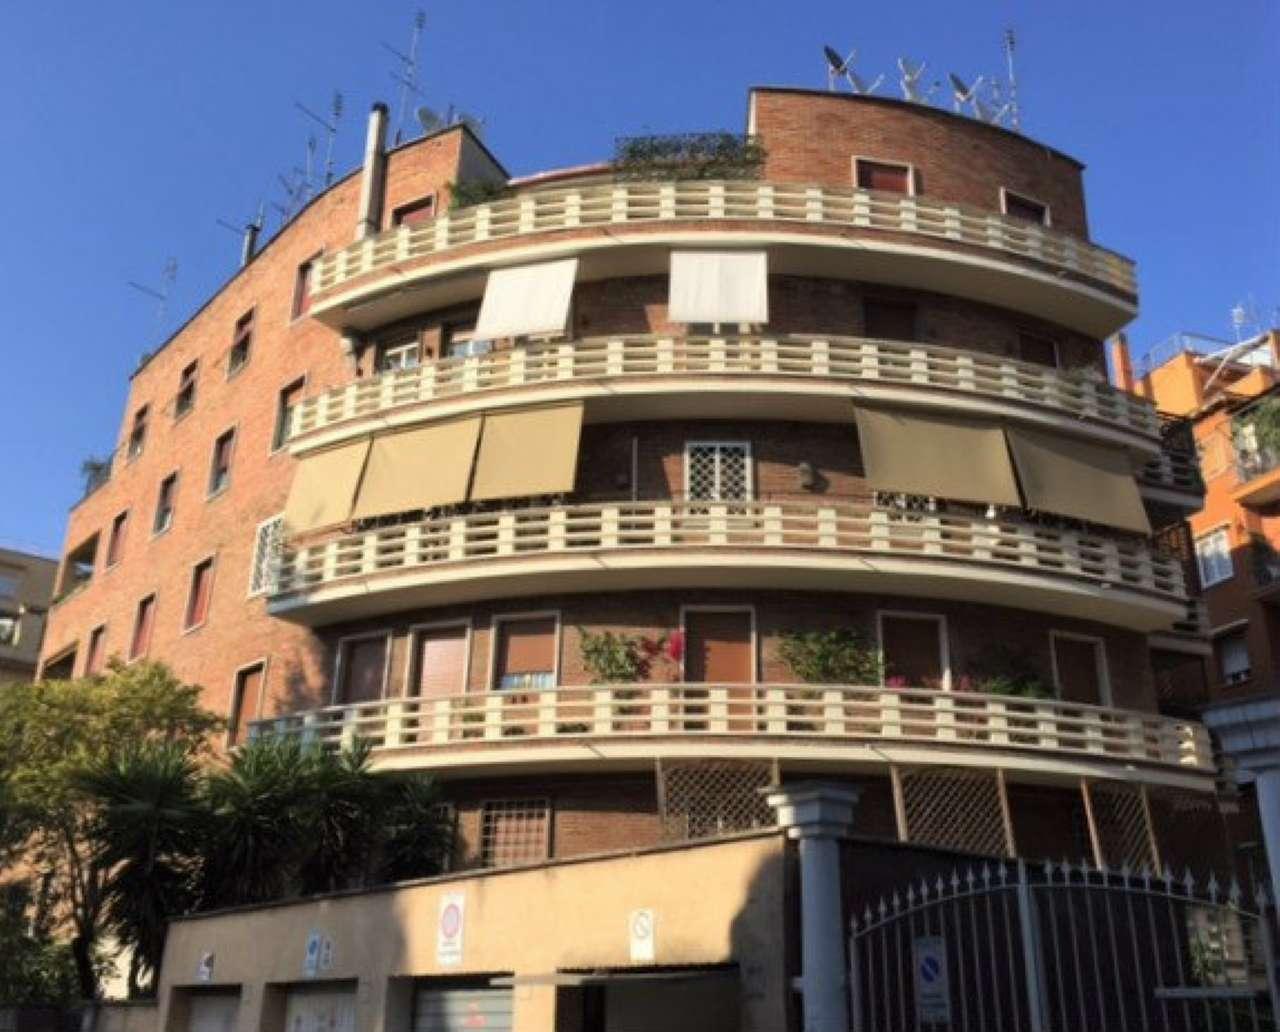 Appartamento in vendita a Roma, 5 locali, zona Zona: 3 . Trieste - Somalia - Salario, prezzo € 420.000 | CambioCasa.it